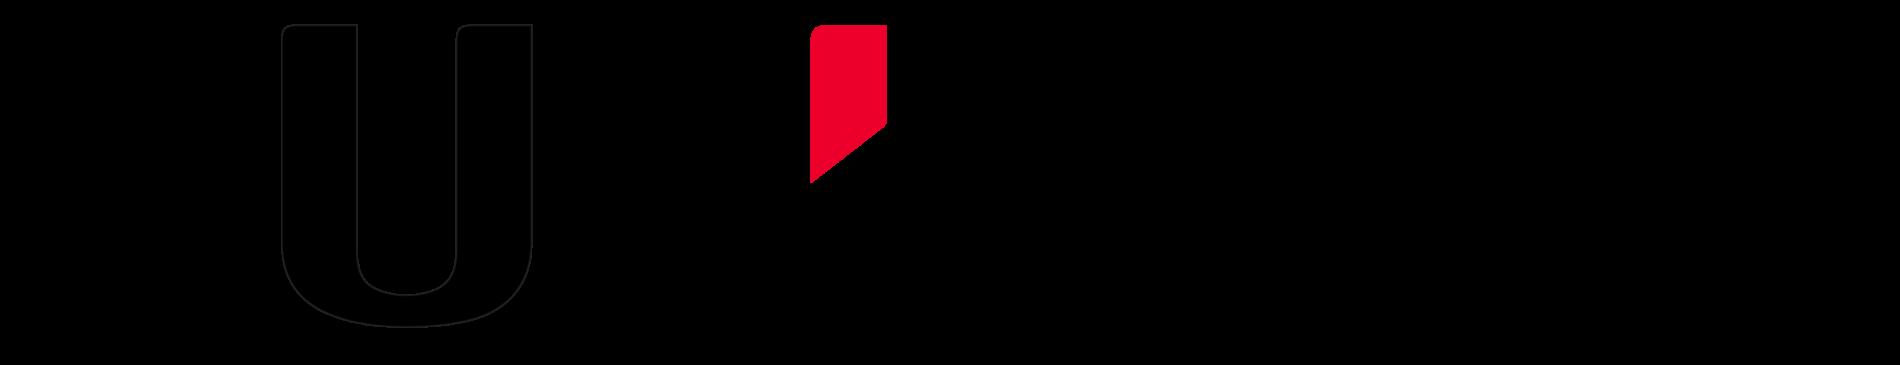 Fujifilm_logo_logotype